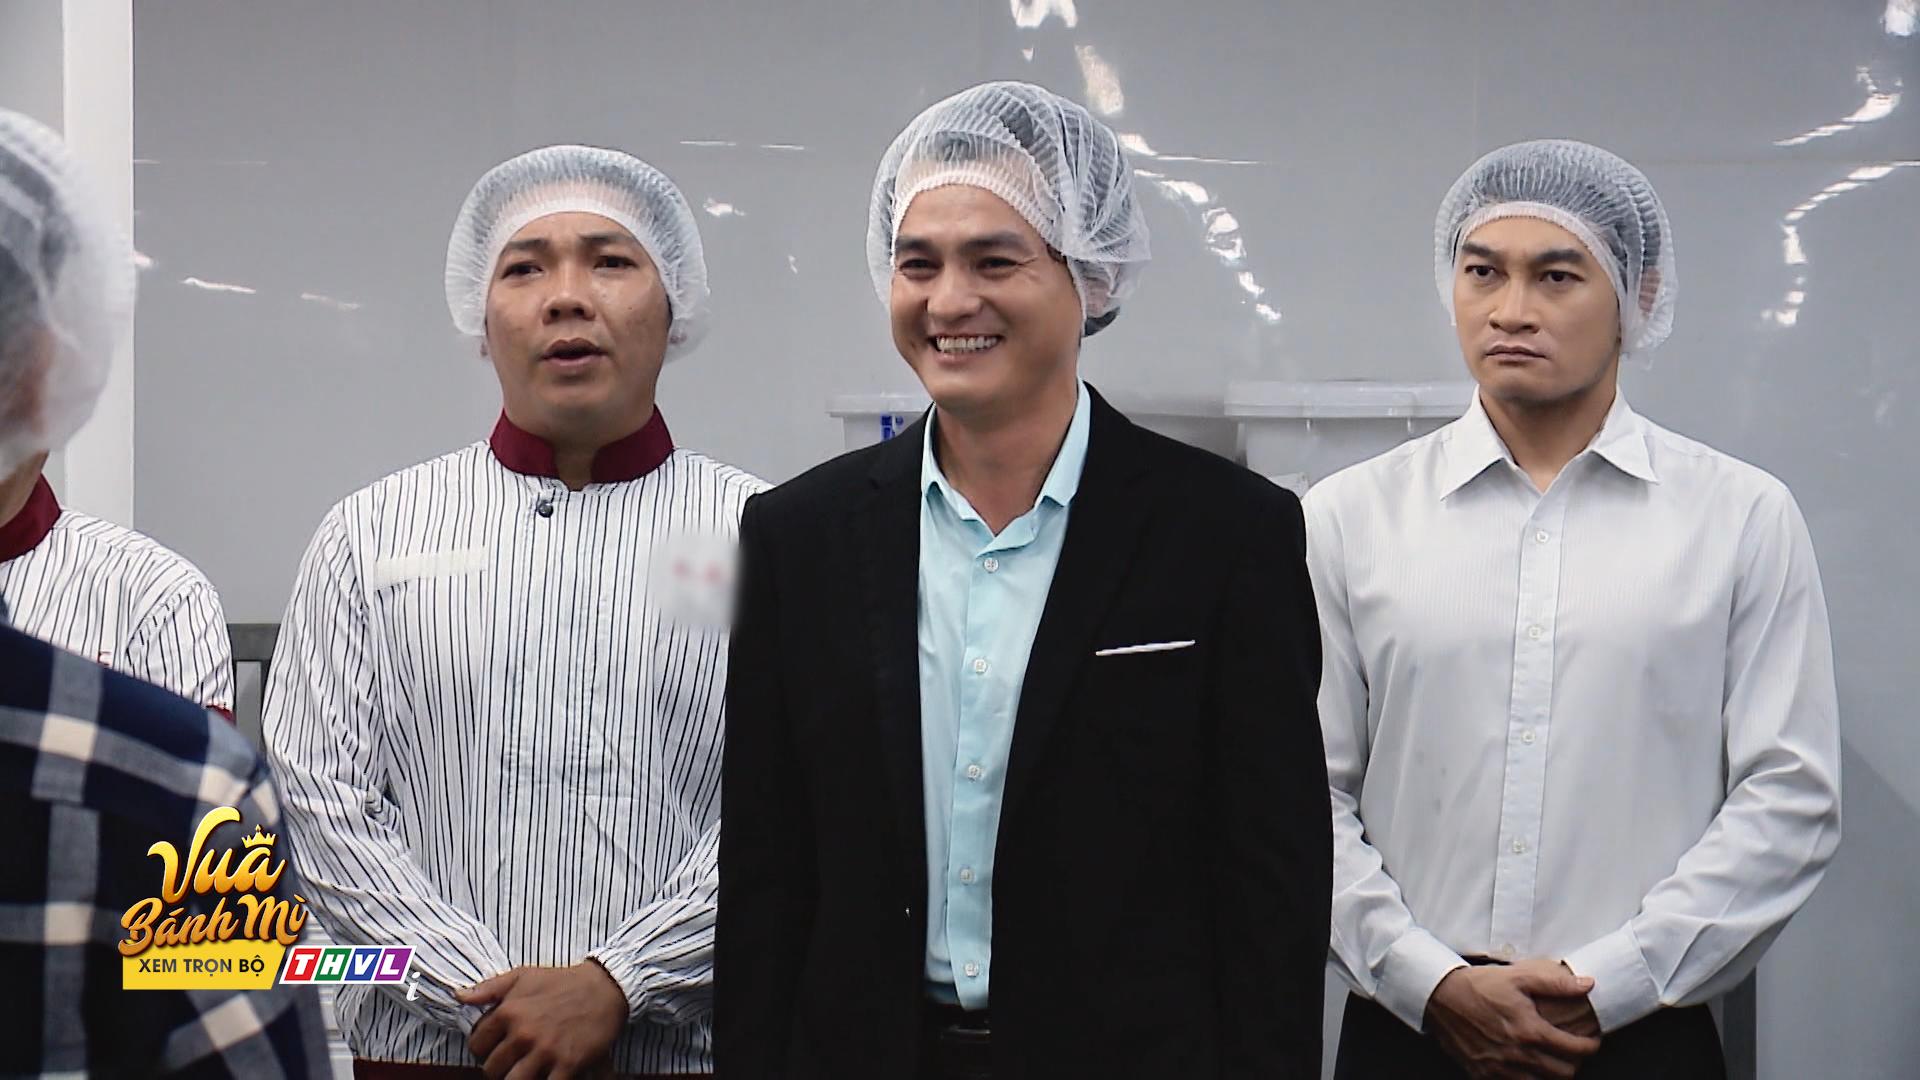 'Vua bánh mì' tập 8: Đúng là 'cha nào con nấy', con trai Cao Minh Đạt cũng sở hữu tài nghệ làm bánh từ cha 8